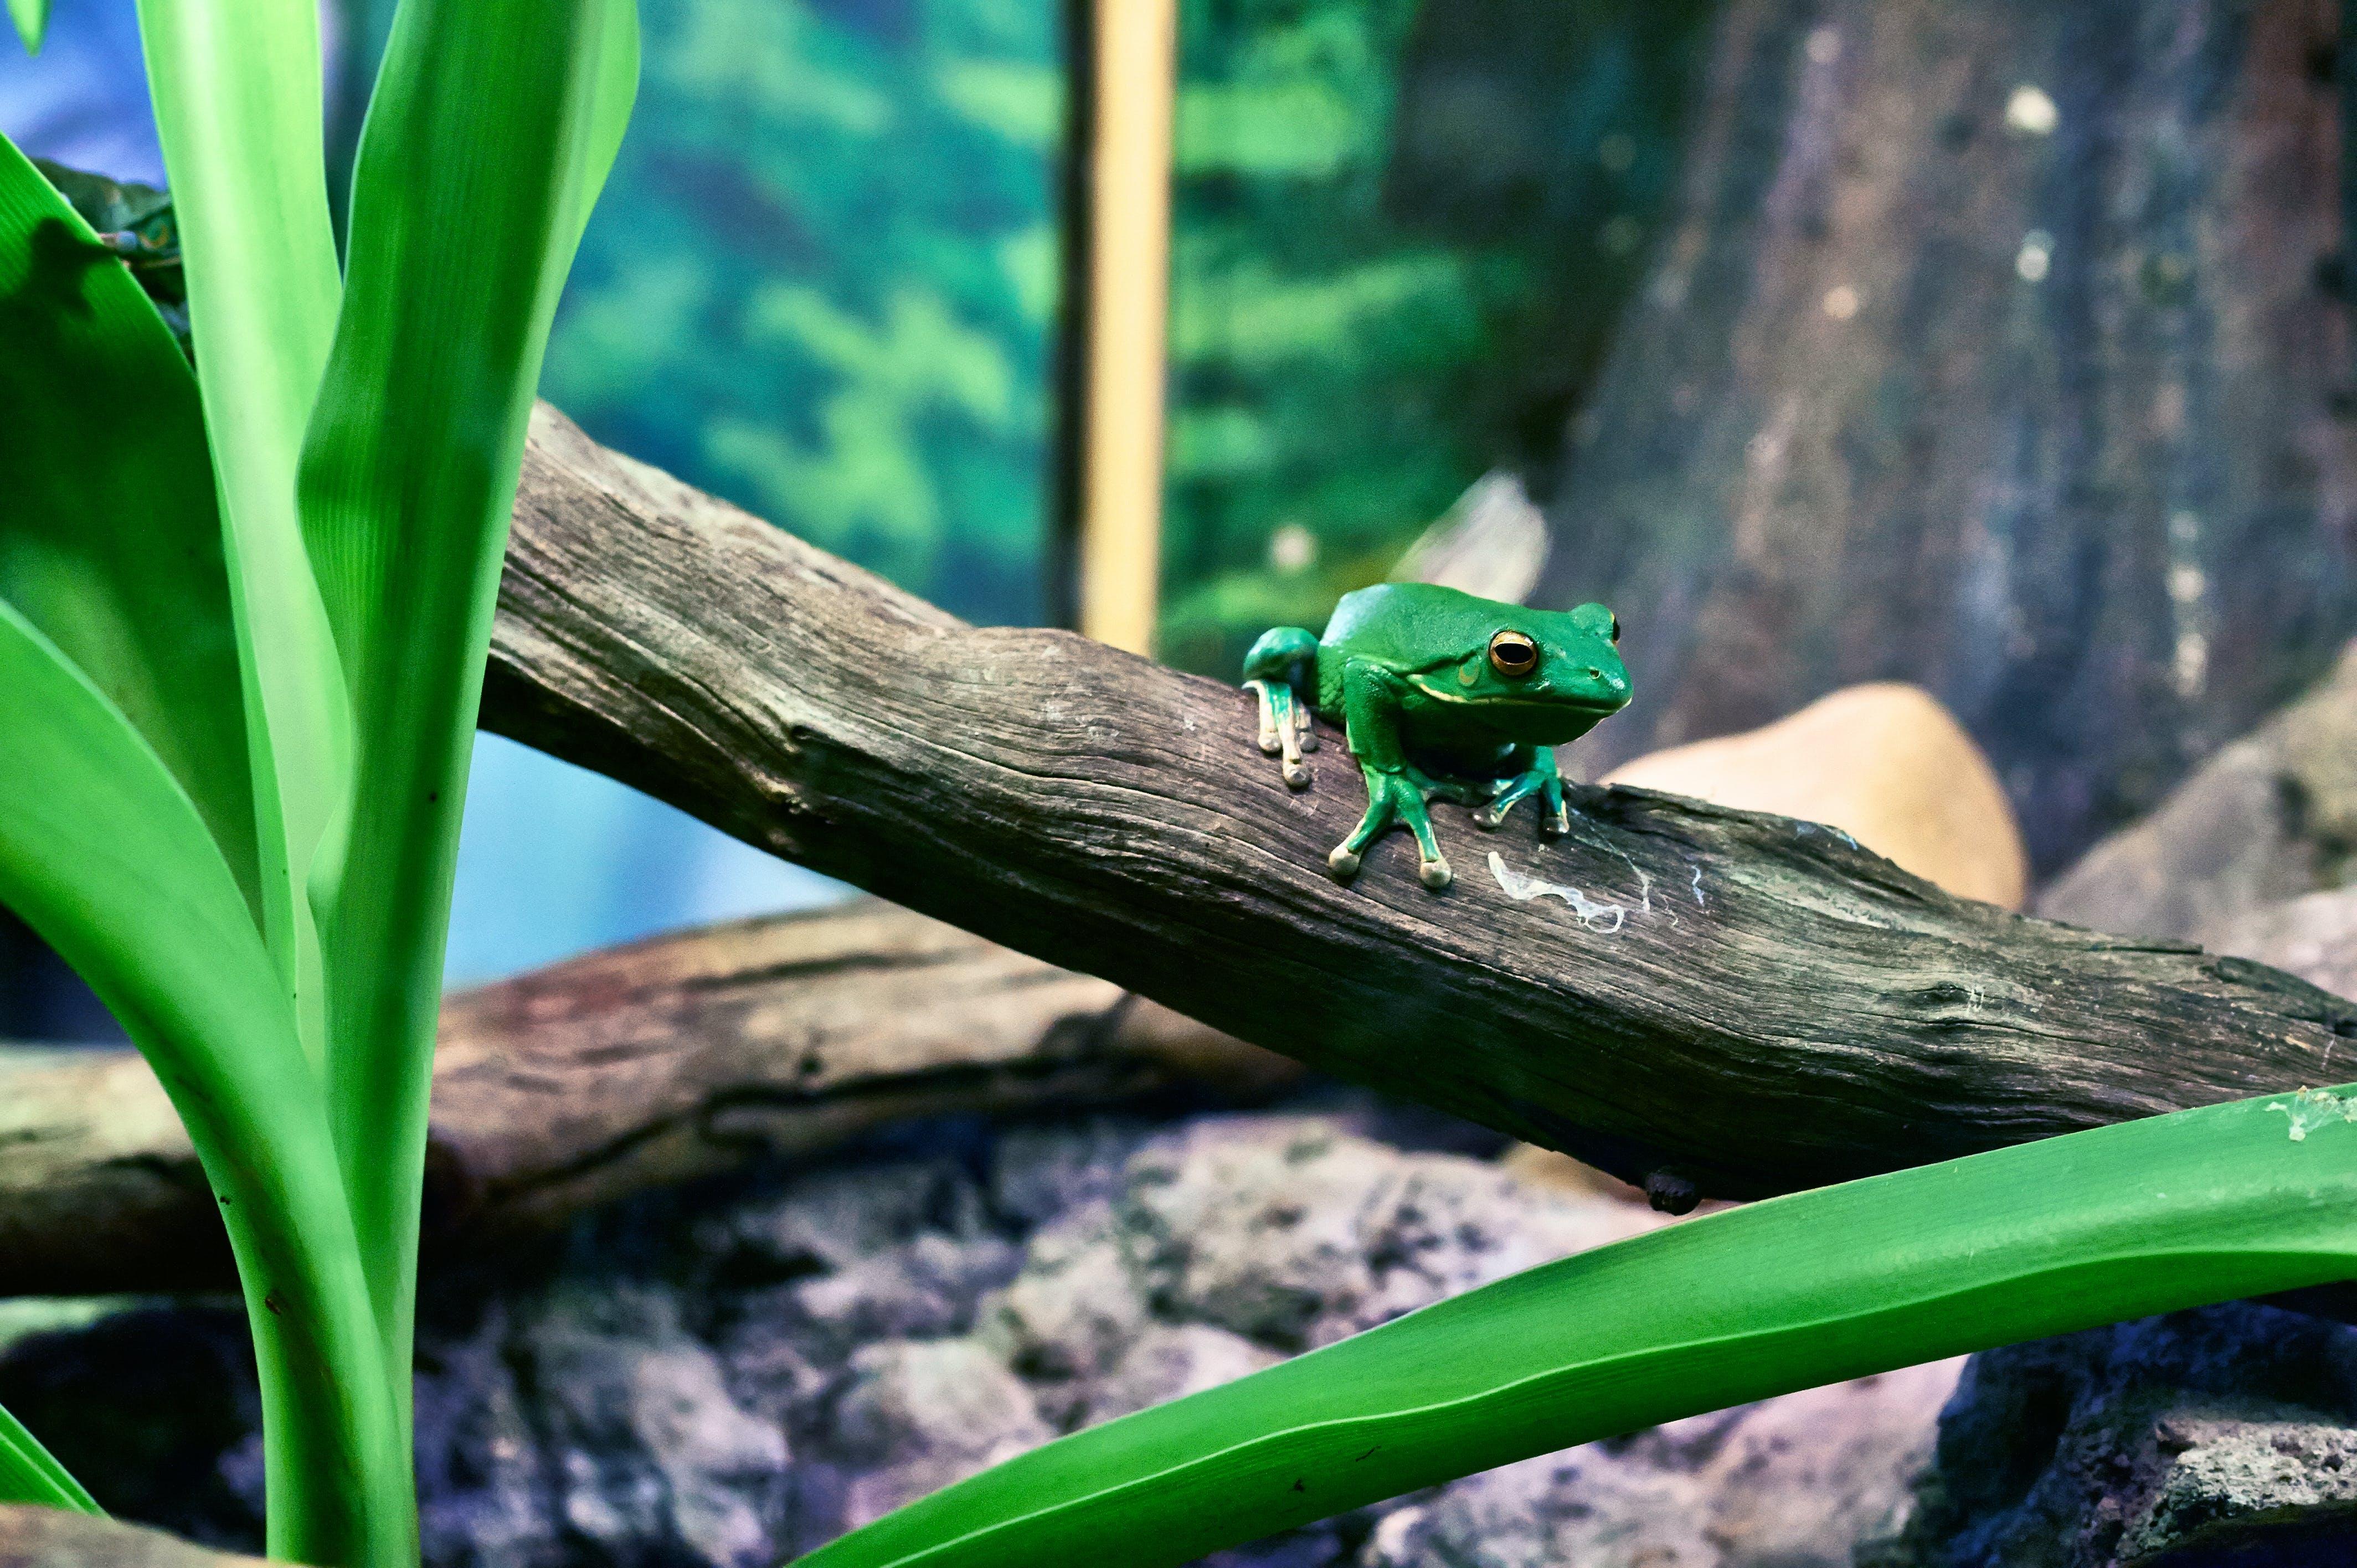 개구리, 나무, 녹색 나무 개구리, 동물의 무료 스톡 사진